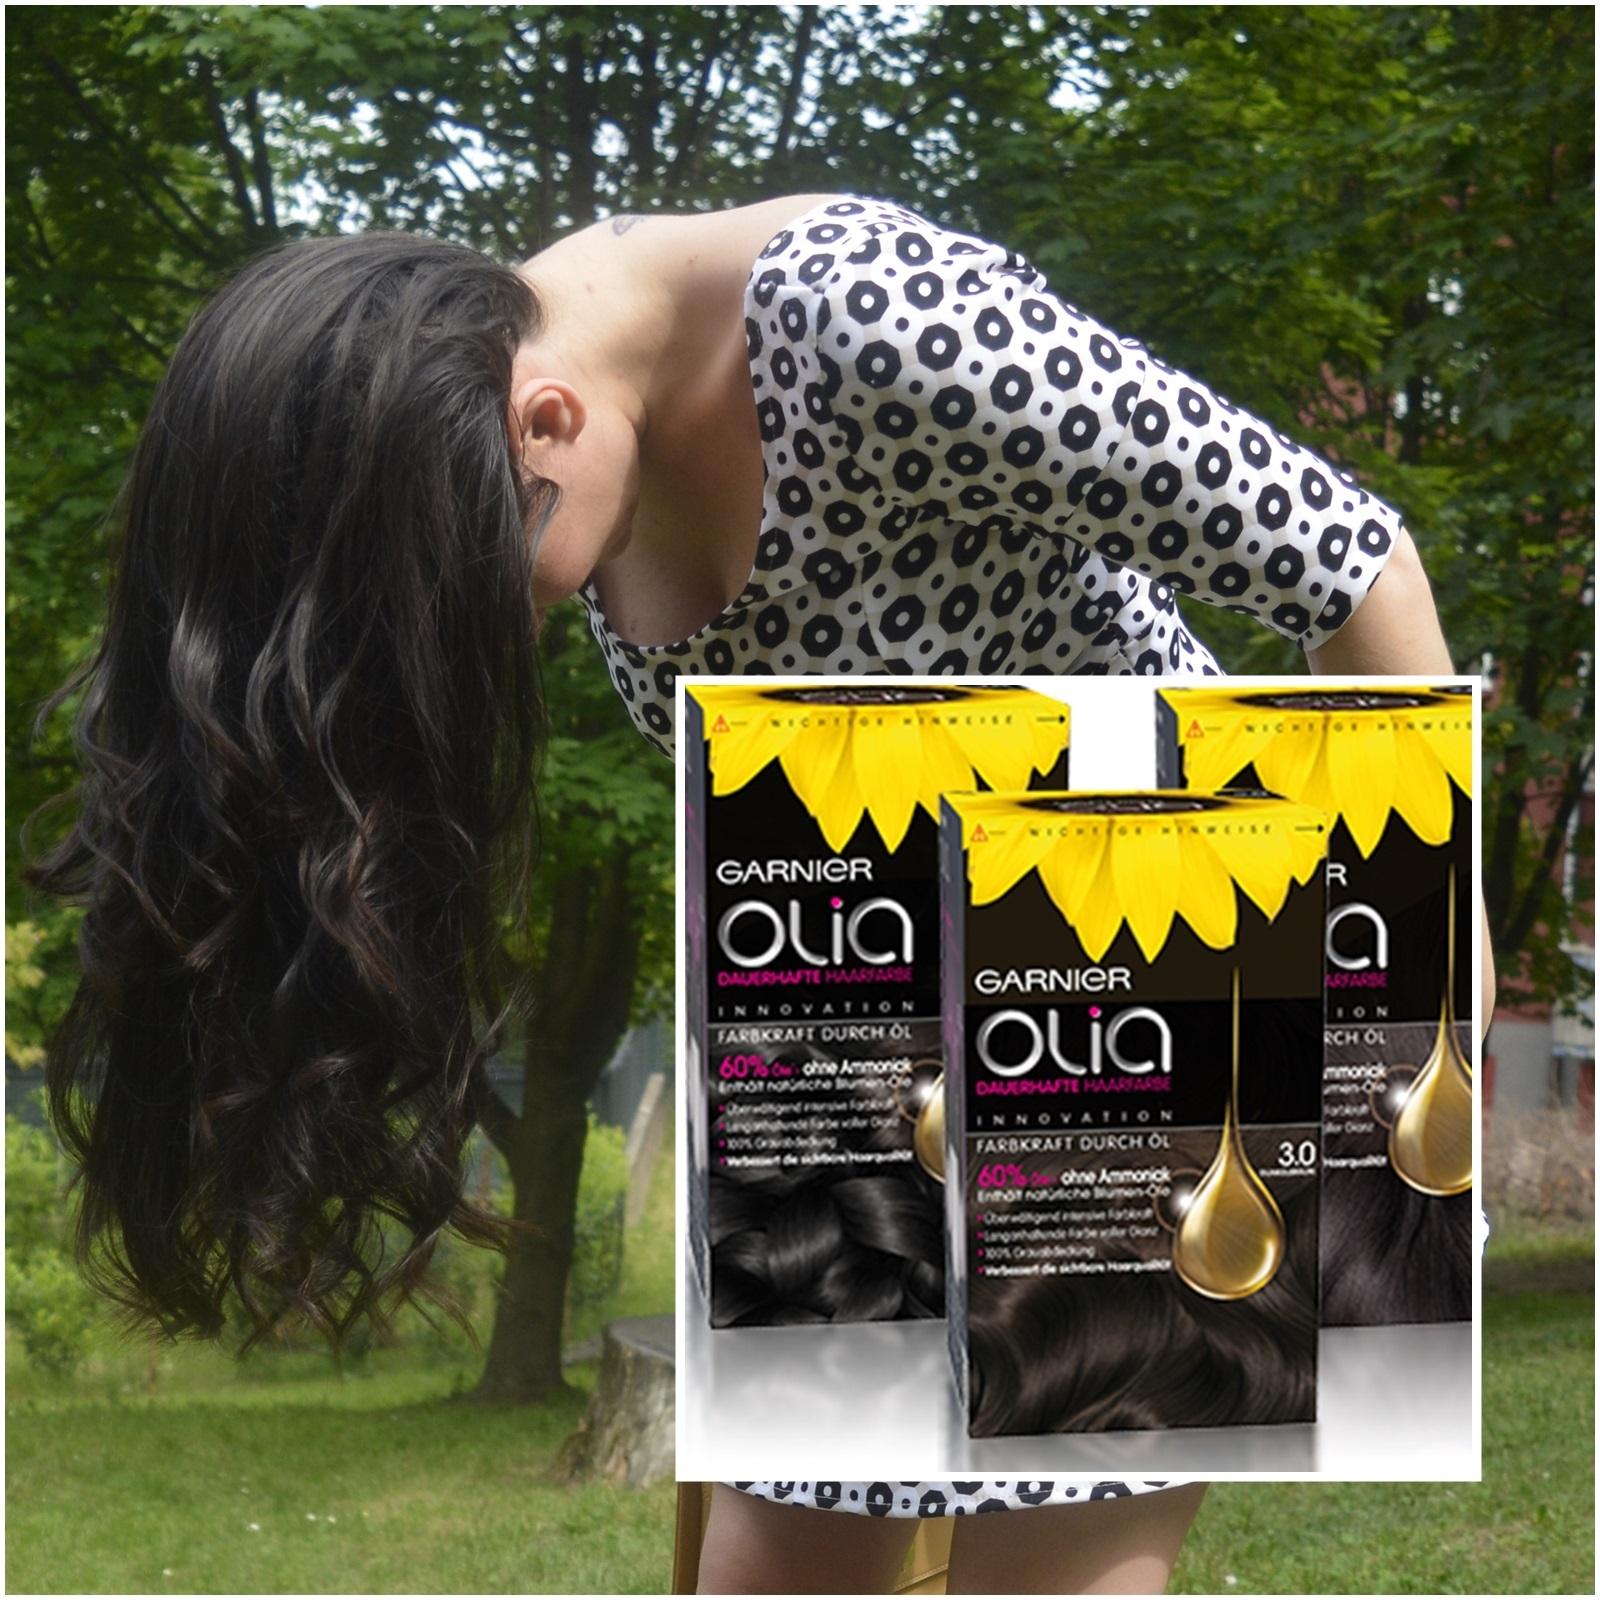 cabelos-coloração-permanente-garnier-olia-3.0-castanho-escuro-nathália-ferrara-8